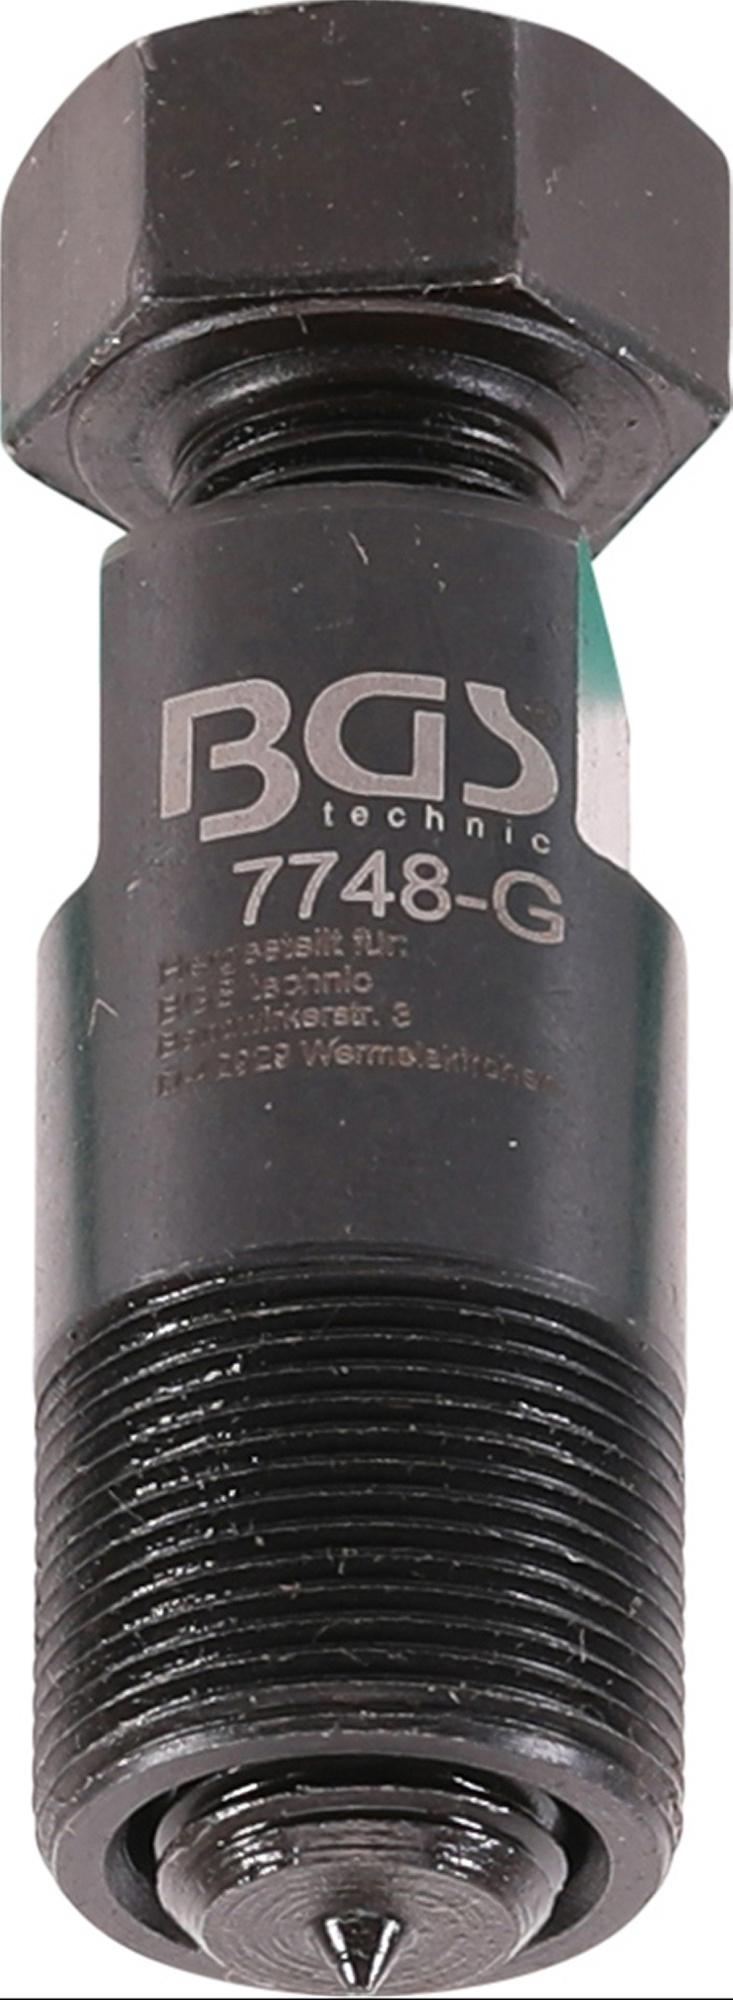 BGS 7748-G Polrad-Abzieher M19 x 1,0 für Motorrad